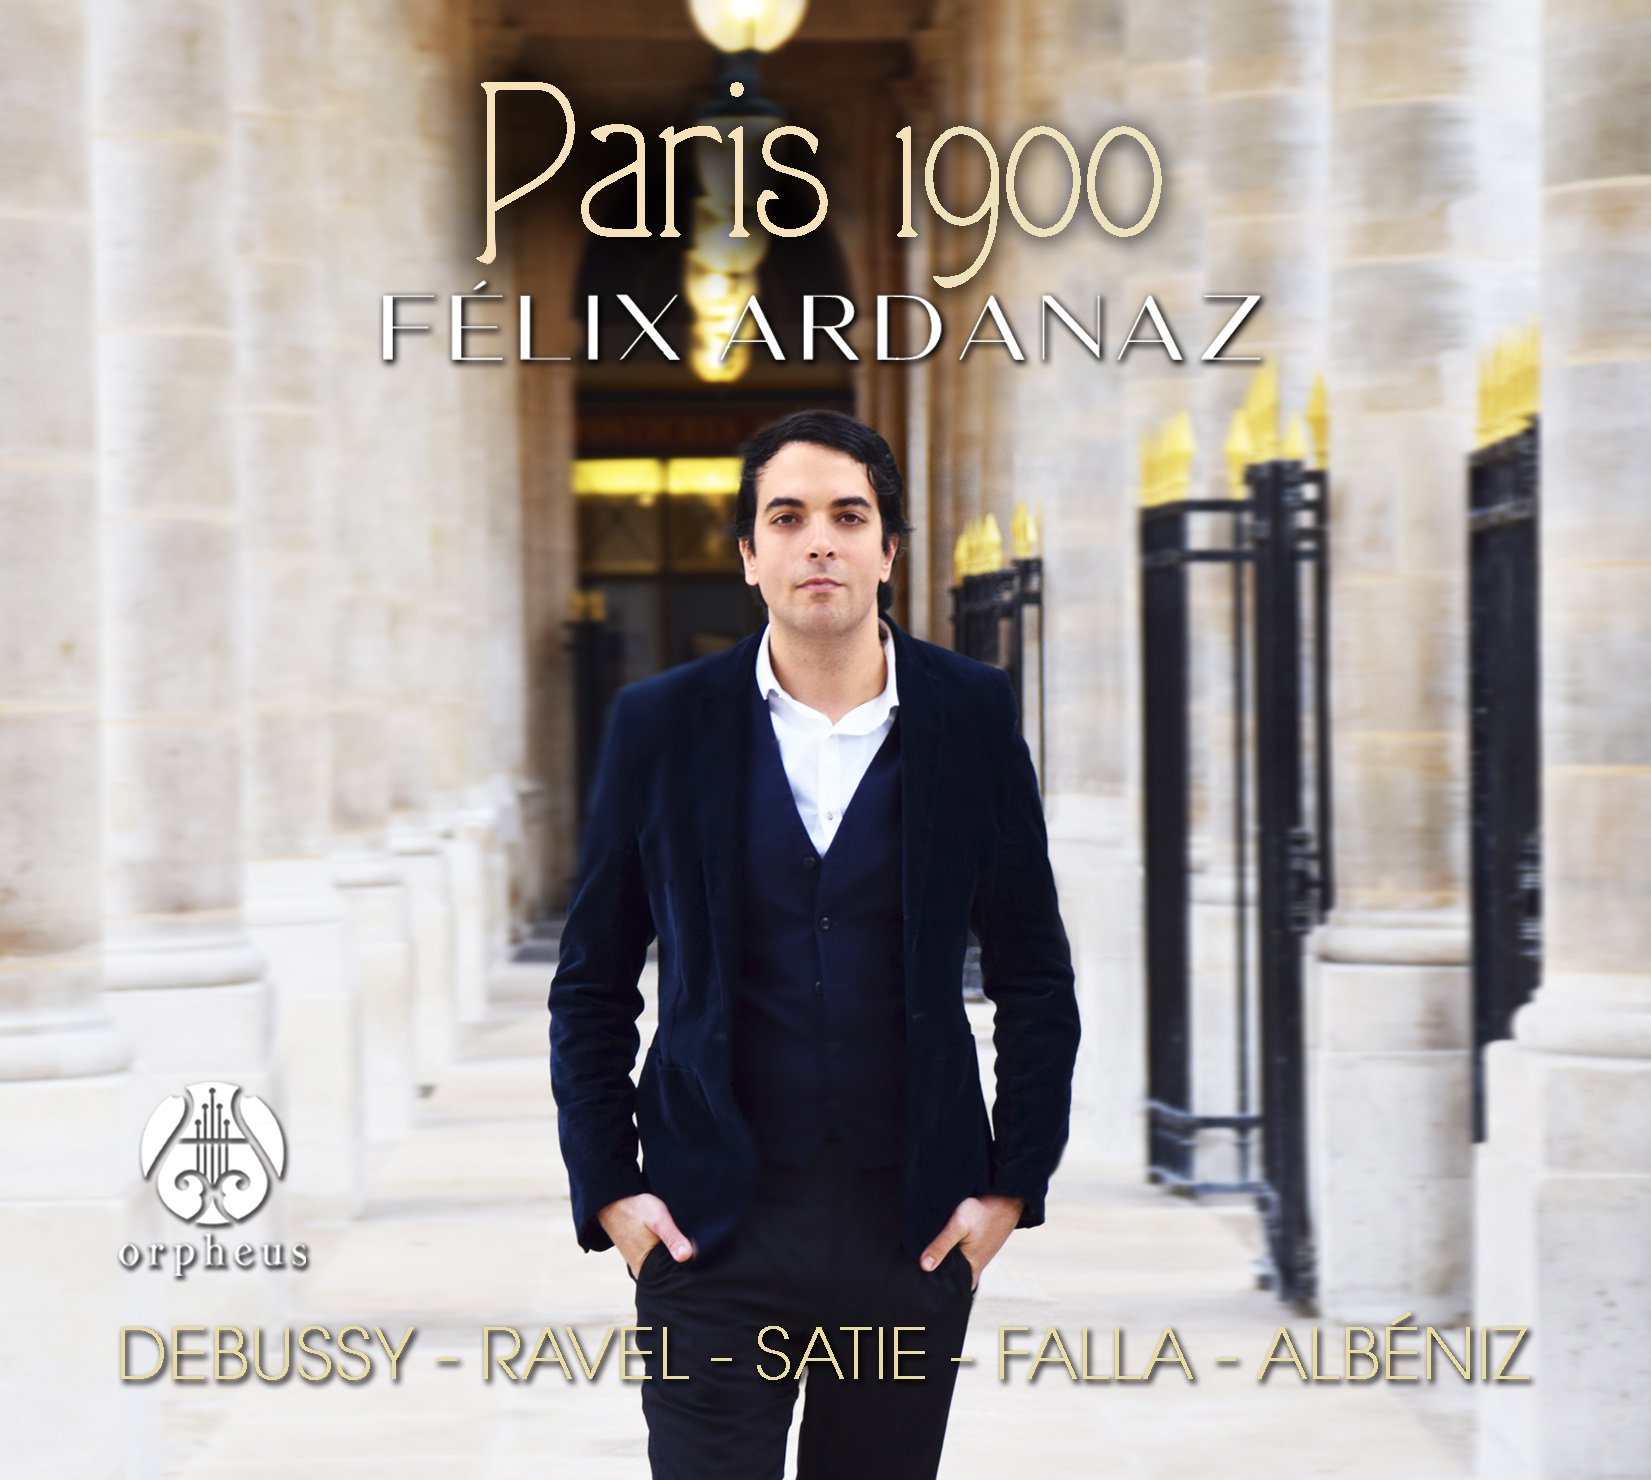 Paris 1900 Ardanaz